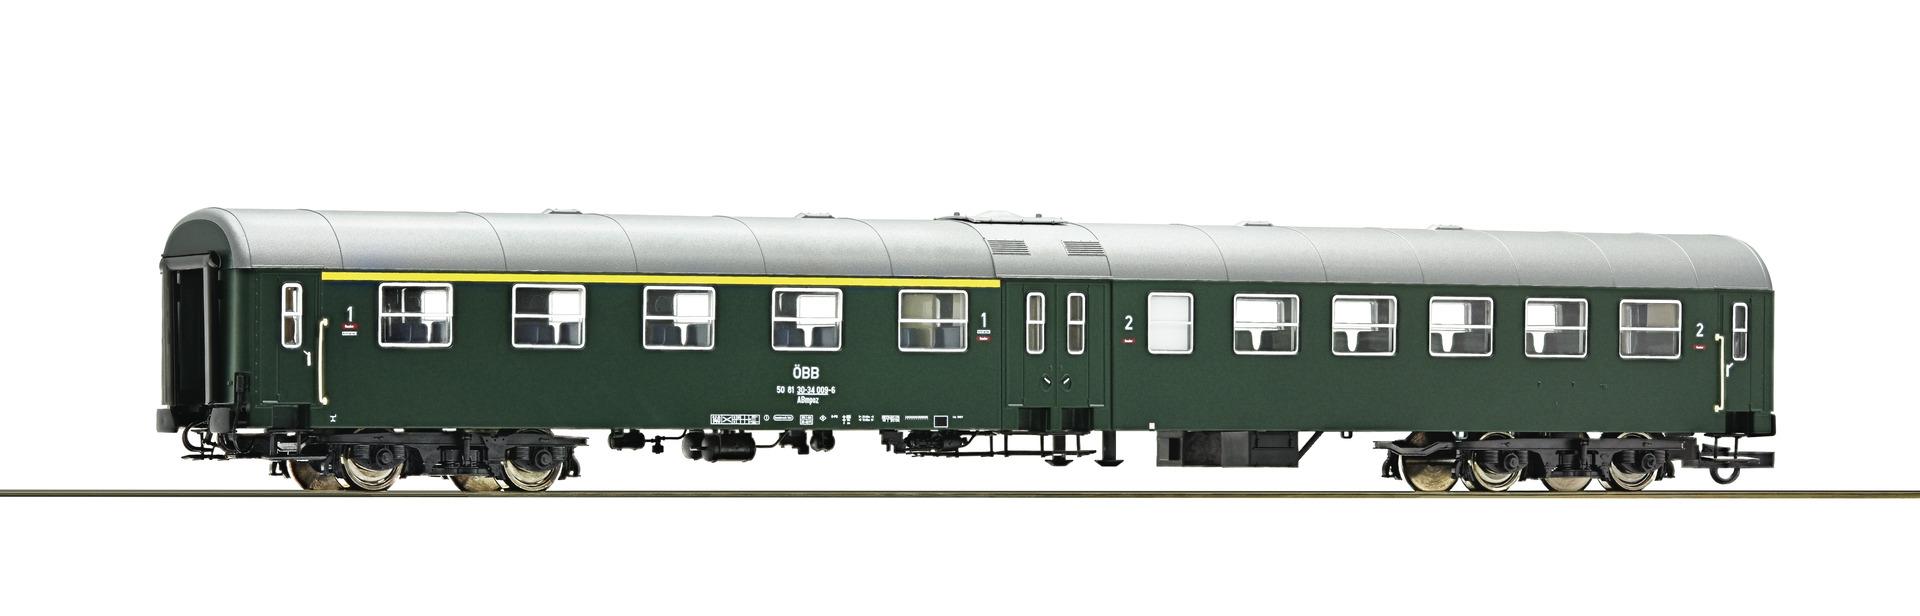 Roco64667 OBB class1/2